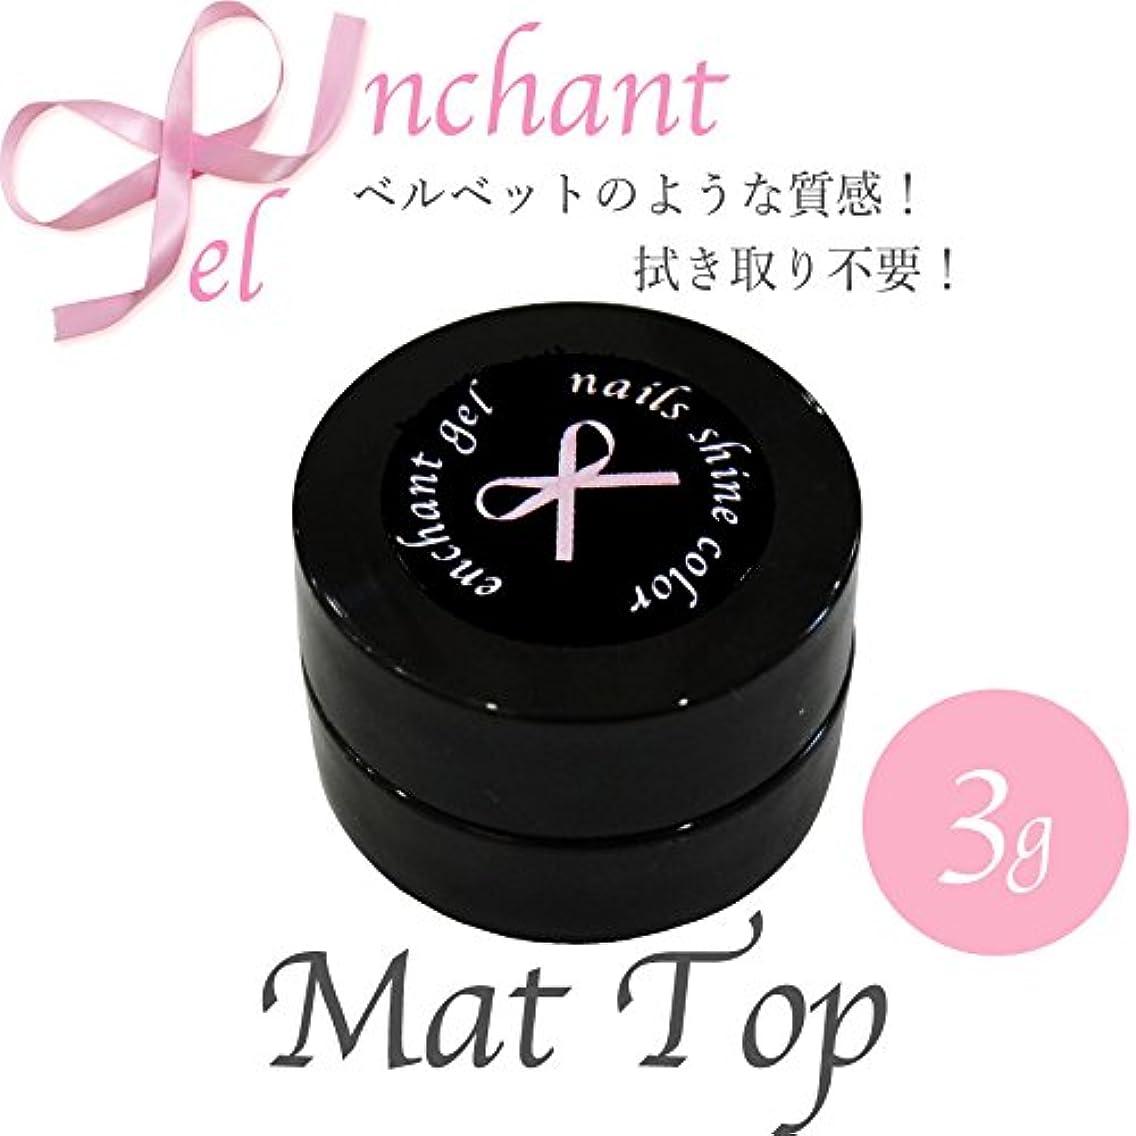 頼む死にかけているミシン目enchant gel mat top coat gel 3g/エンチャントジェル マットトップコートジェル 3グラム